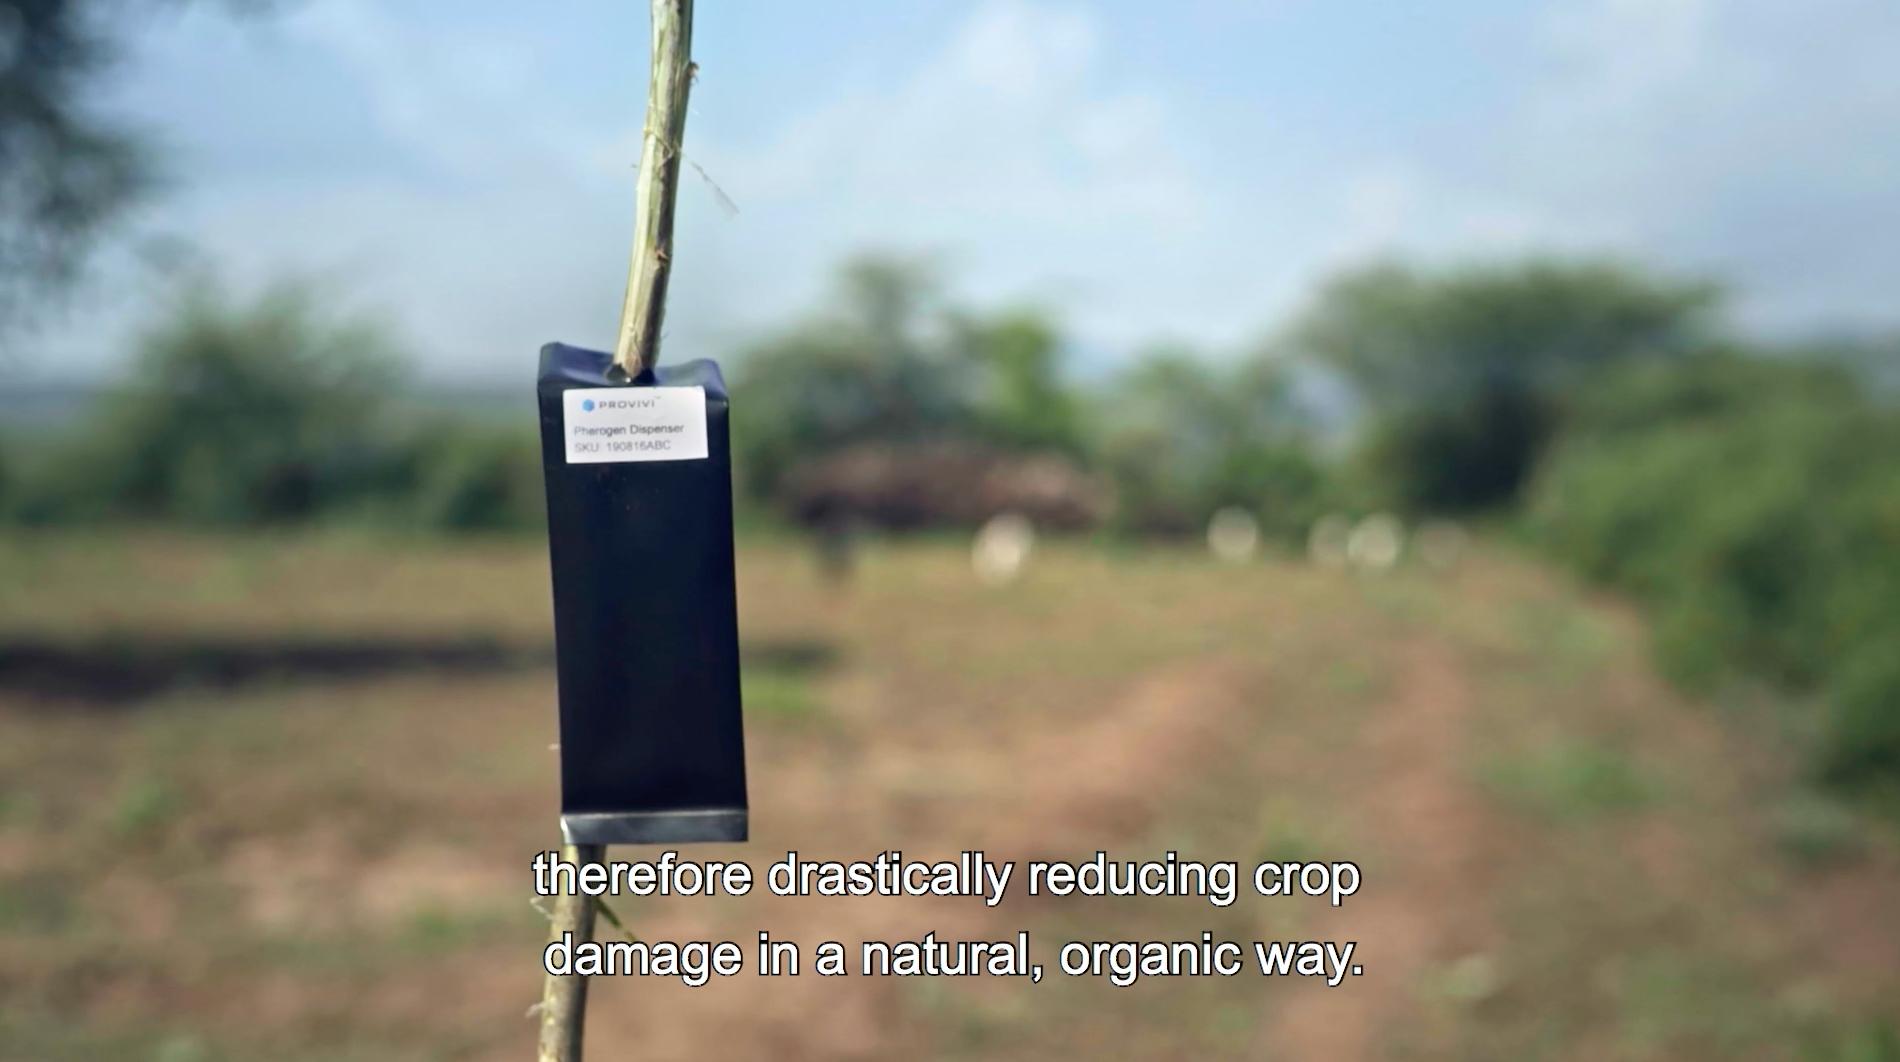 人工合成フェロモンによってオスの害虫を混乱させ繁殖を抑えるProvivi社の技術を解説